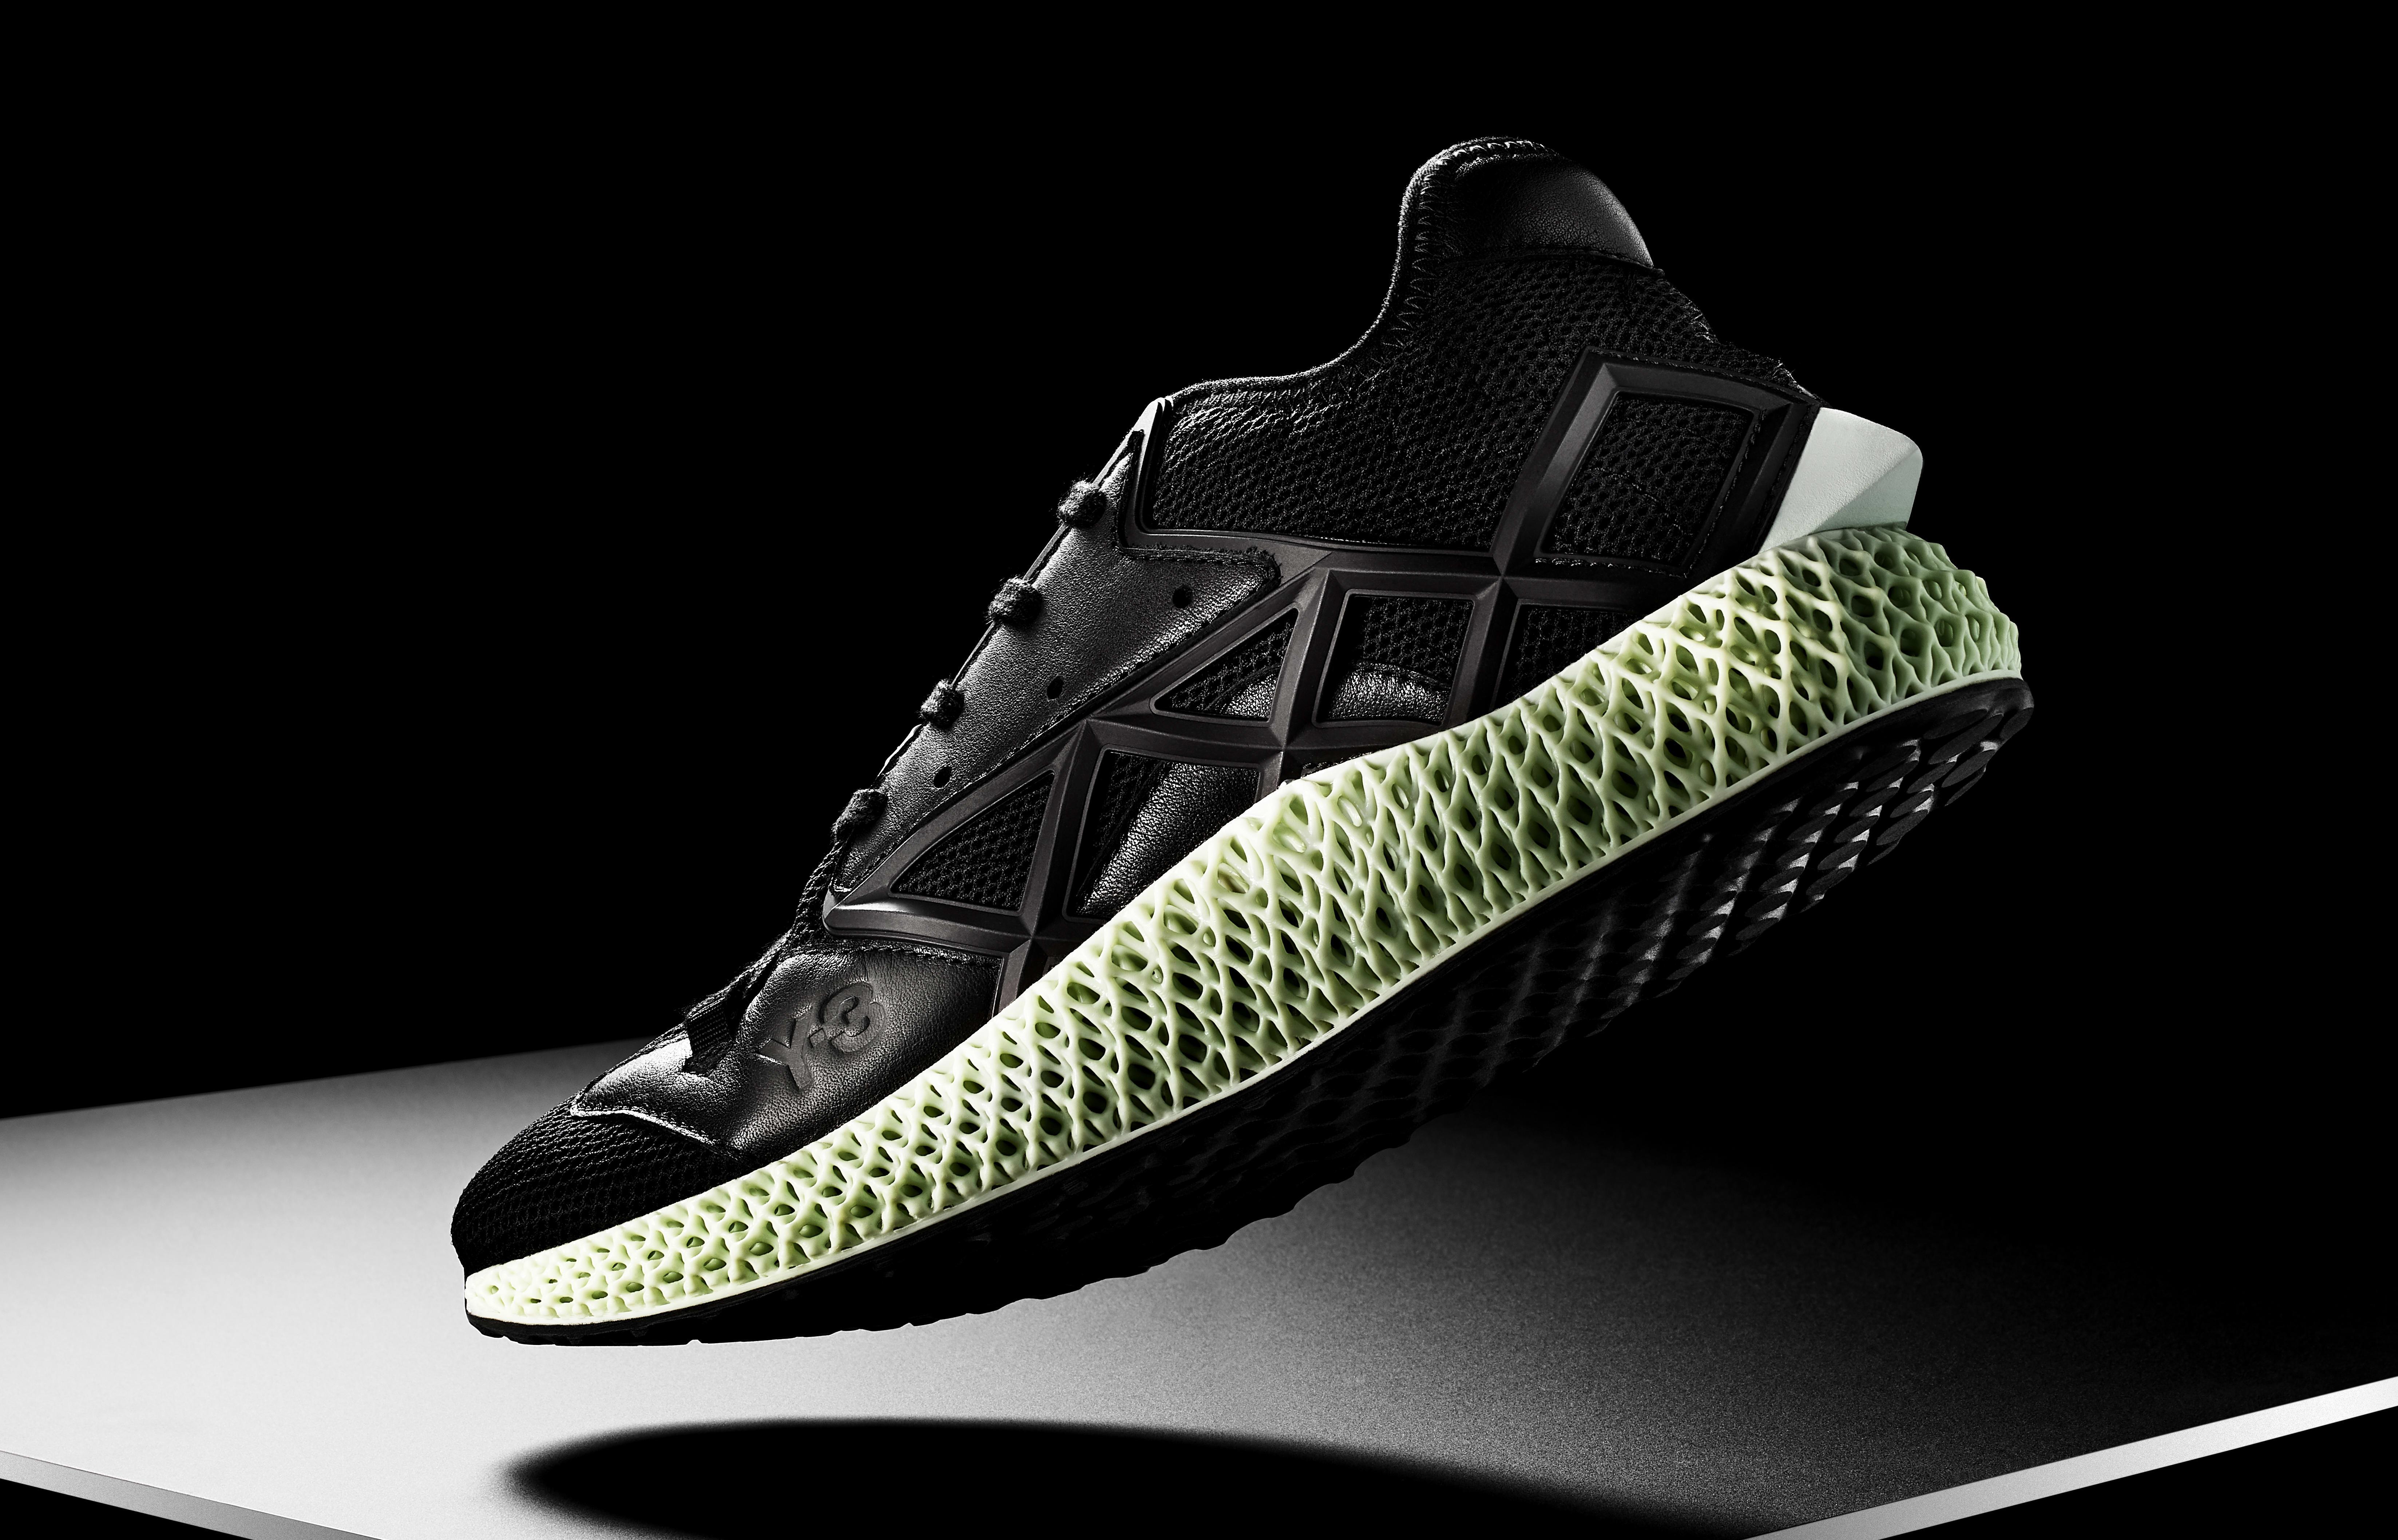 adidas-y-3-runner-4d-2019-medial